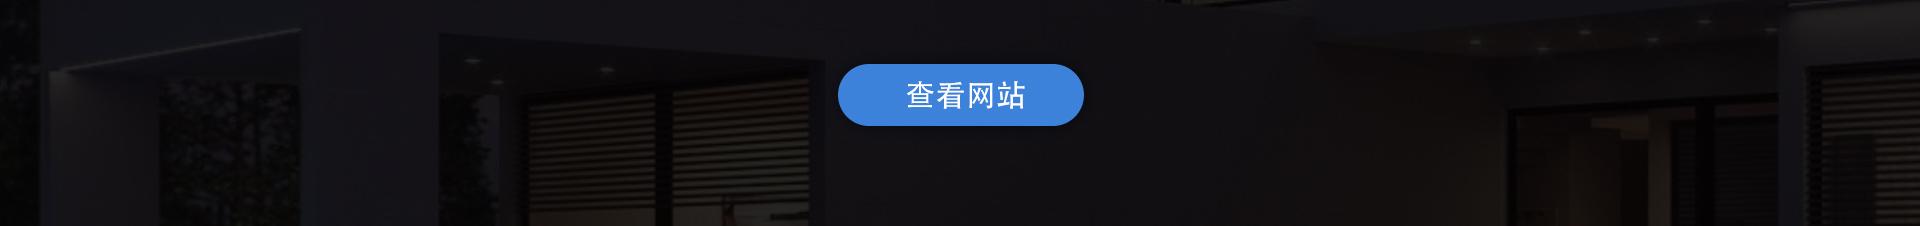 李梦-李梦-同心邦诚_02